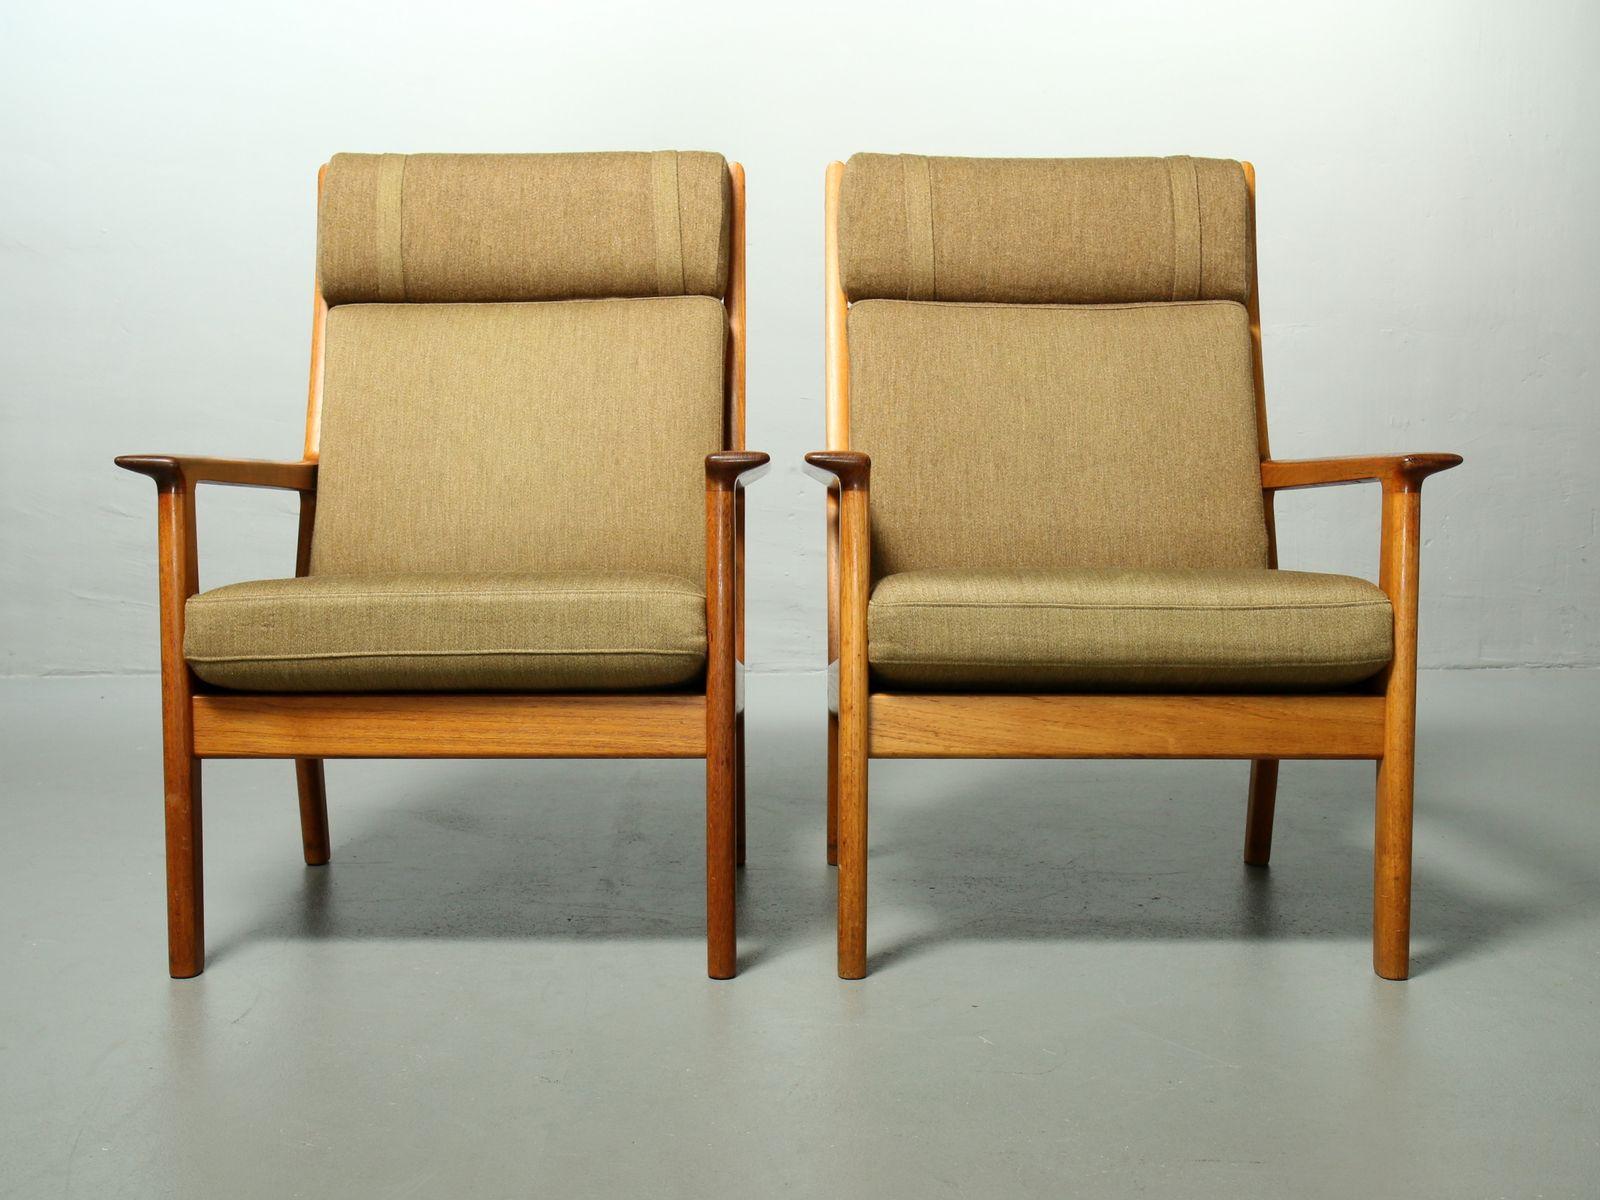 65A Teak Sessel mit Hoher Rückenlehne von Hans J. Wegner für Getama, 1...